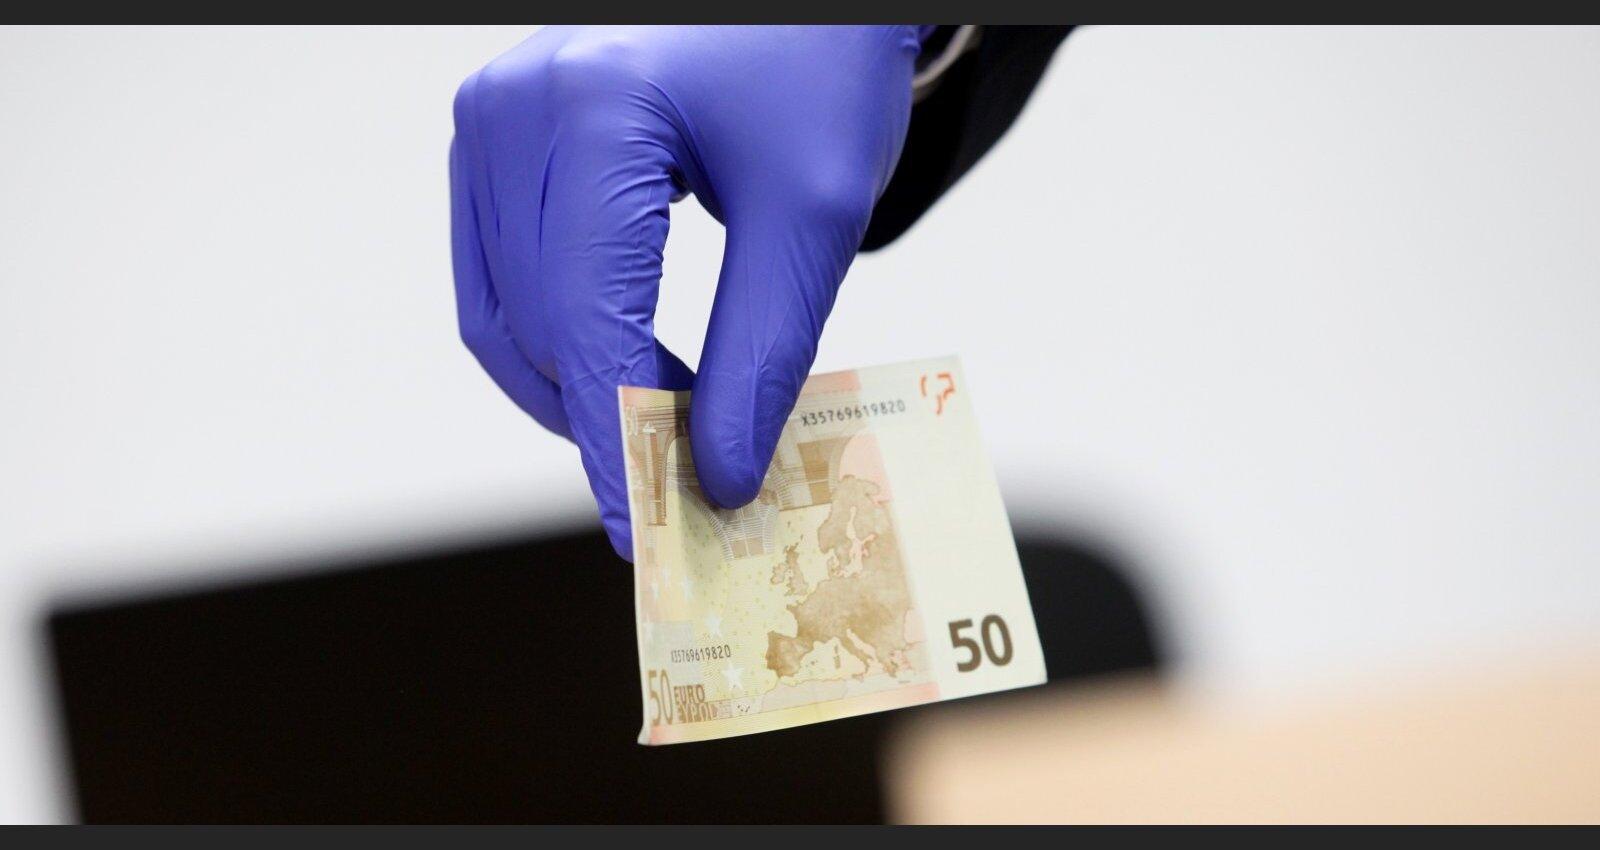 Izlemj Latvijas likteni; vai nonāksim 'Moneyval' 'pelēkajā sarakstā'